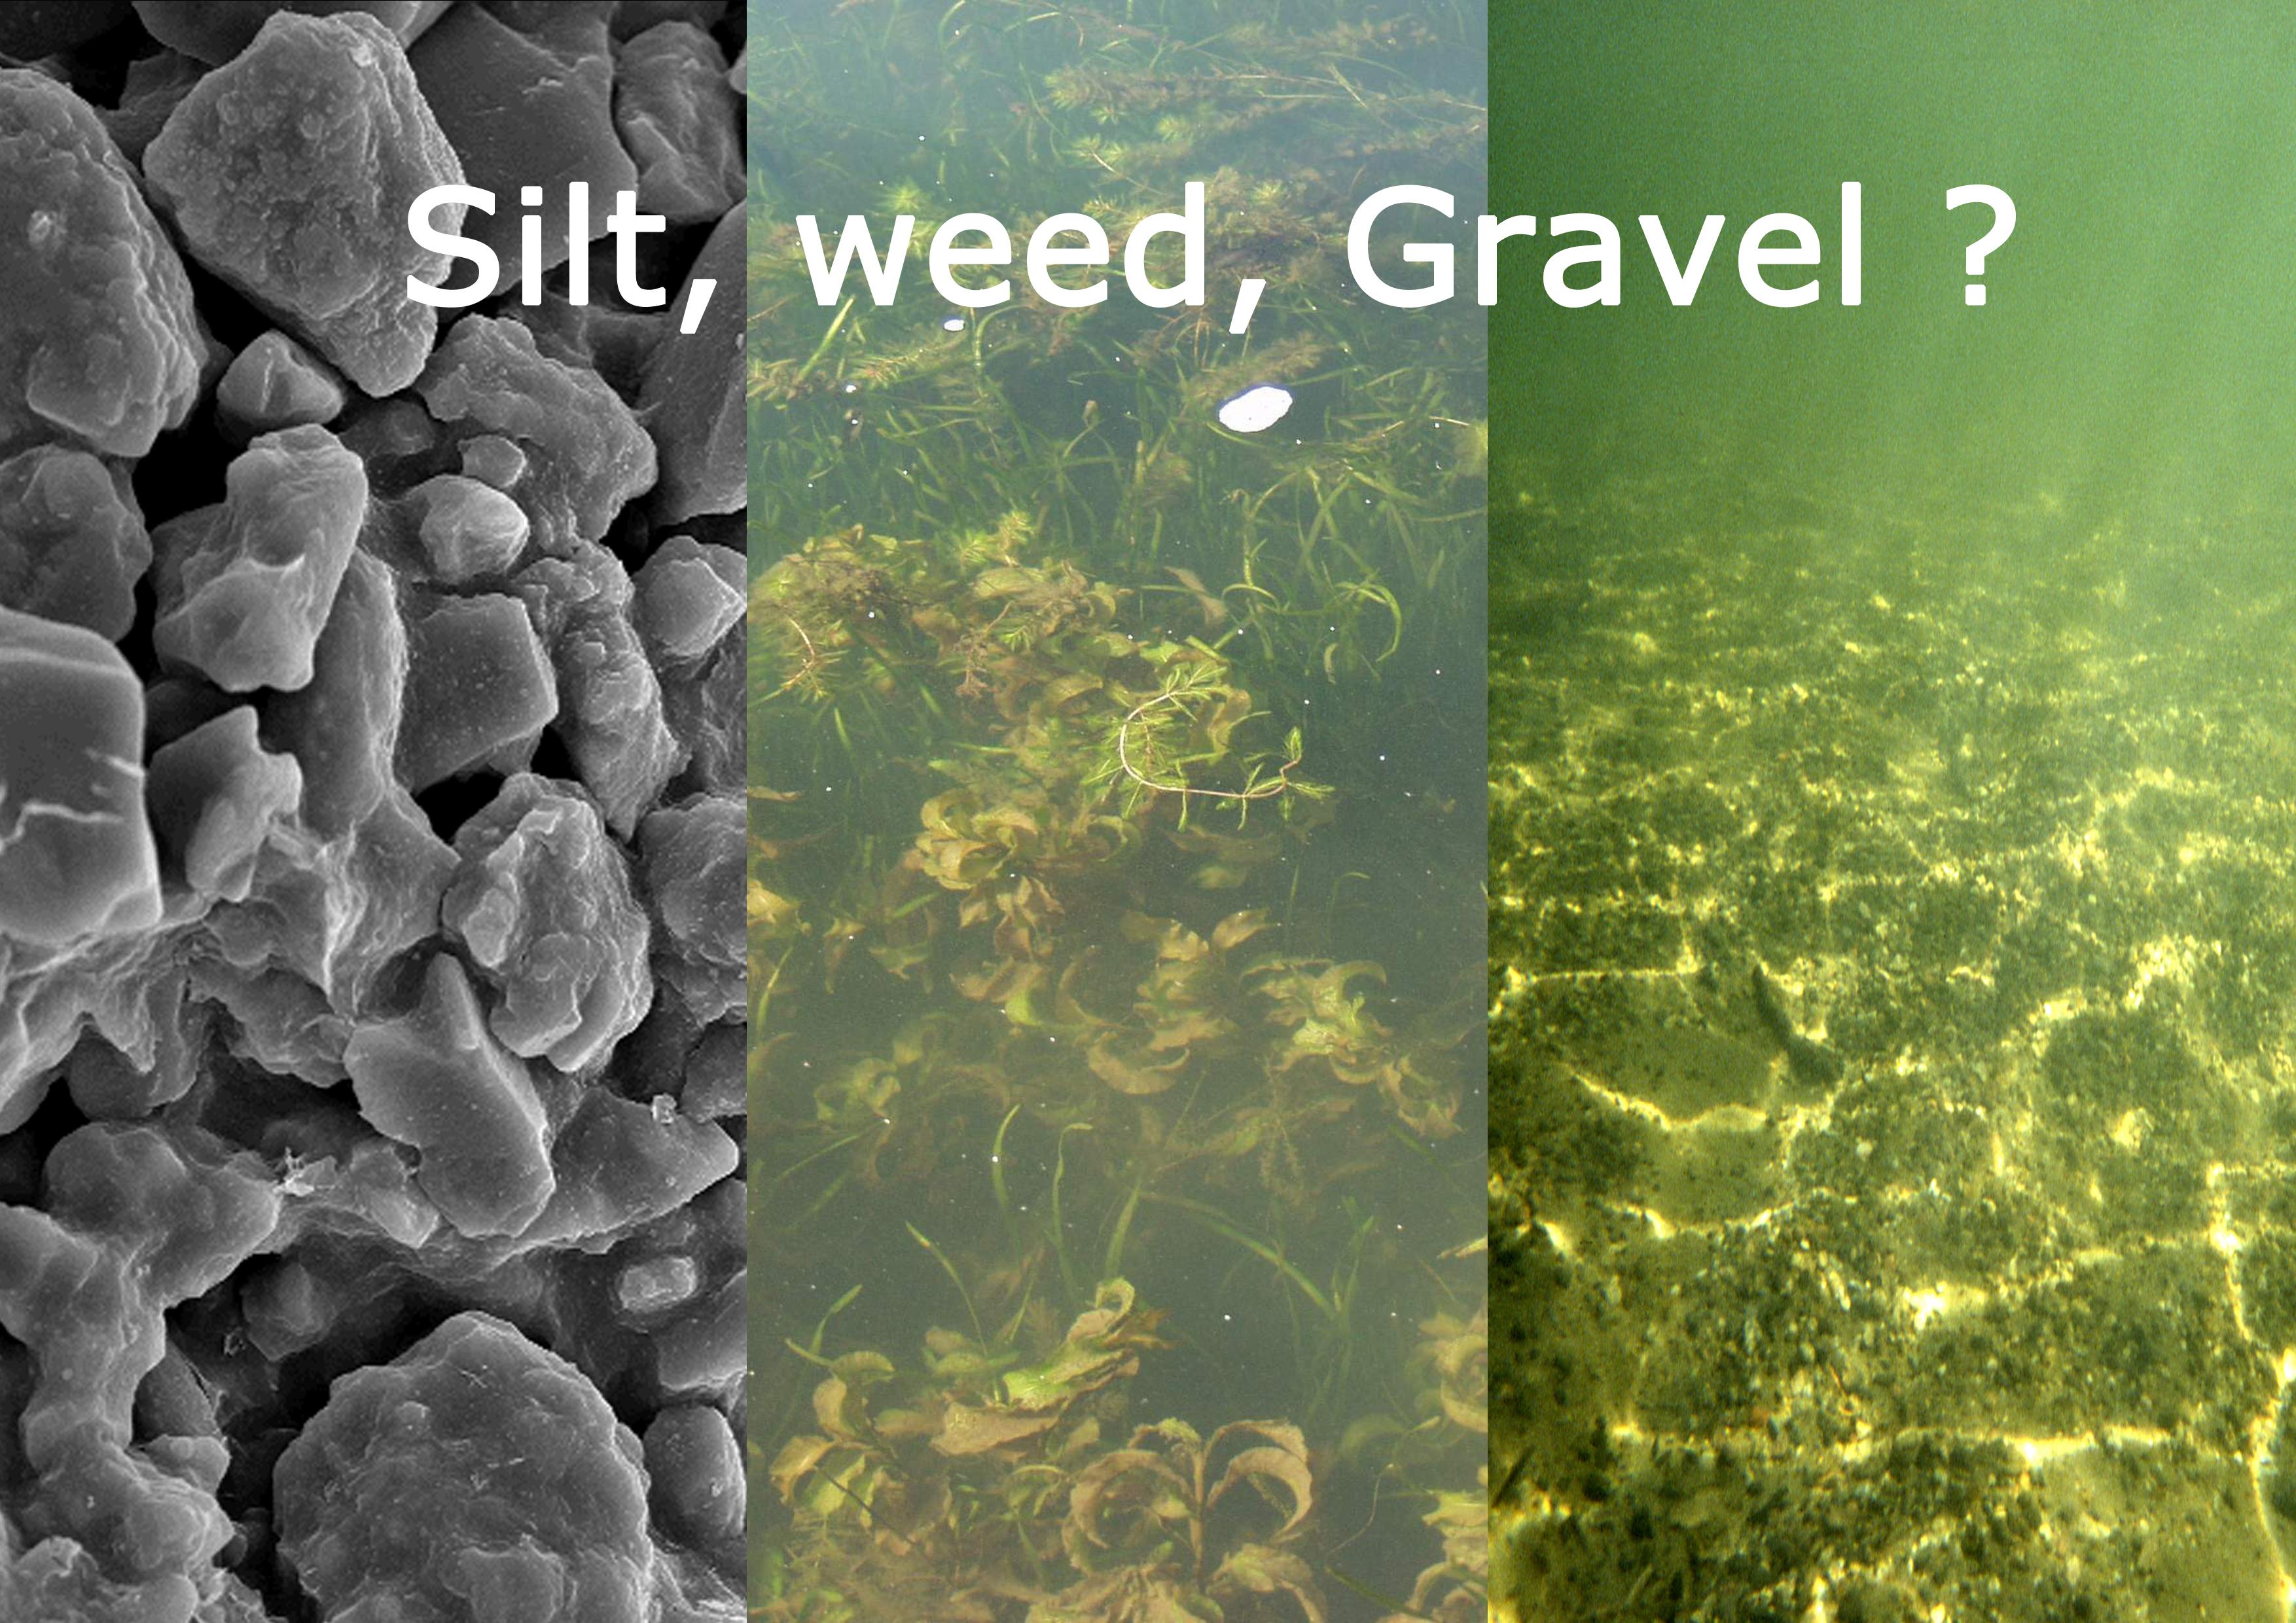 SILT, WEED, GRAVEL? – Bite Edge